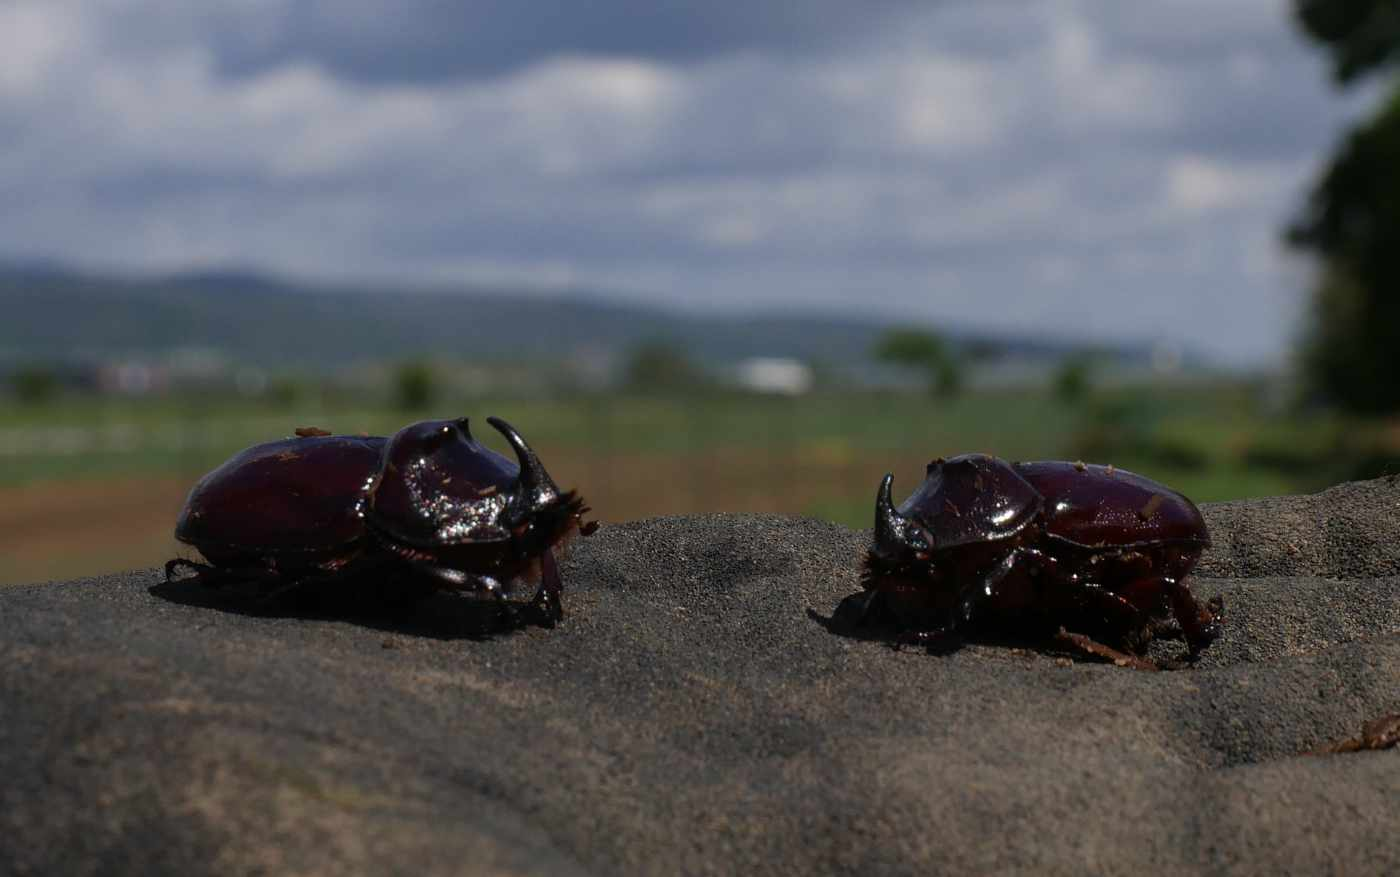 Zwei Nashornkäfer